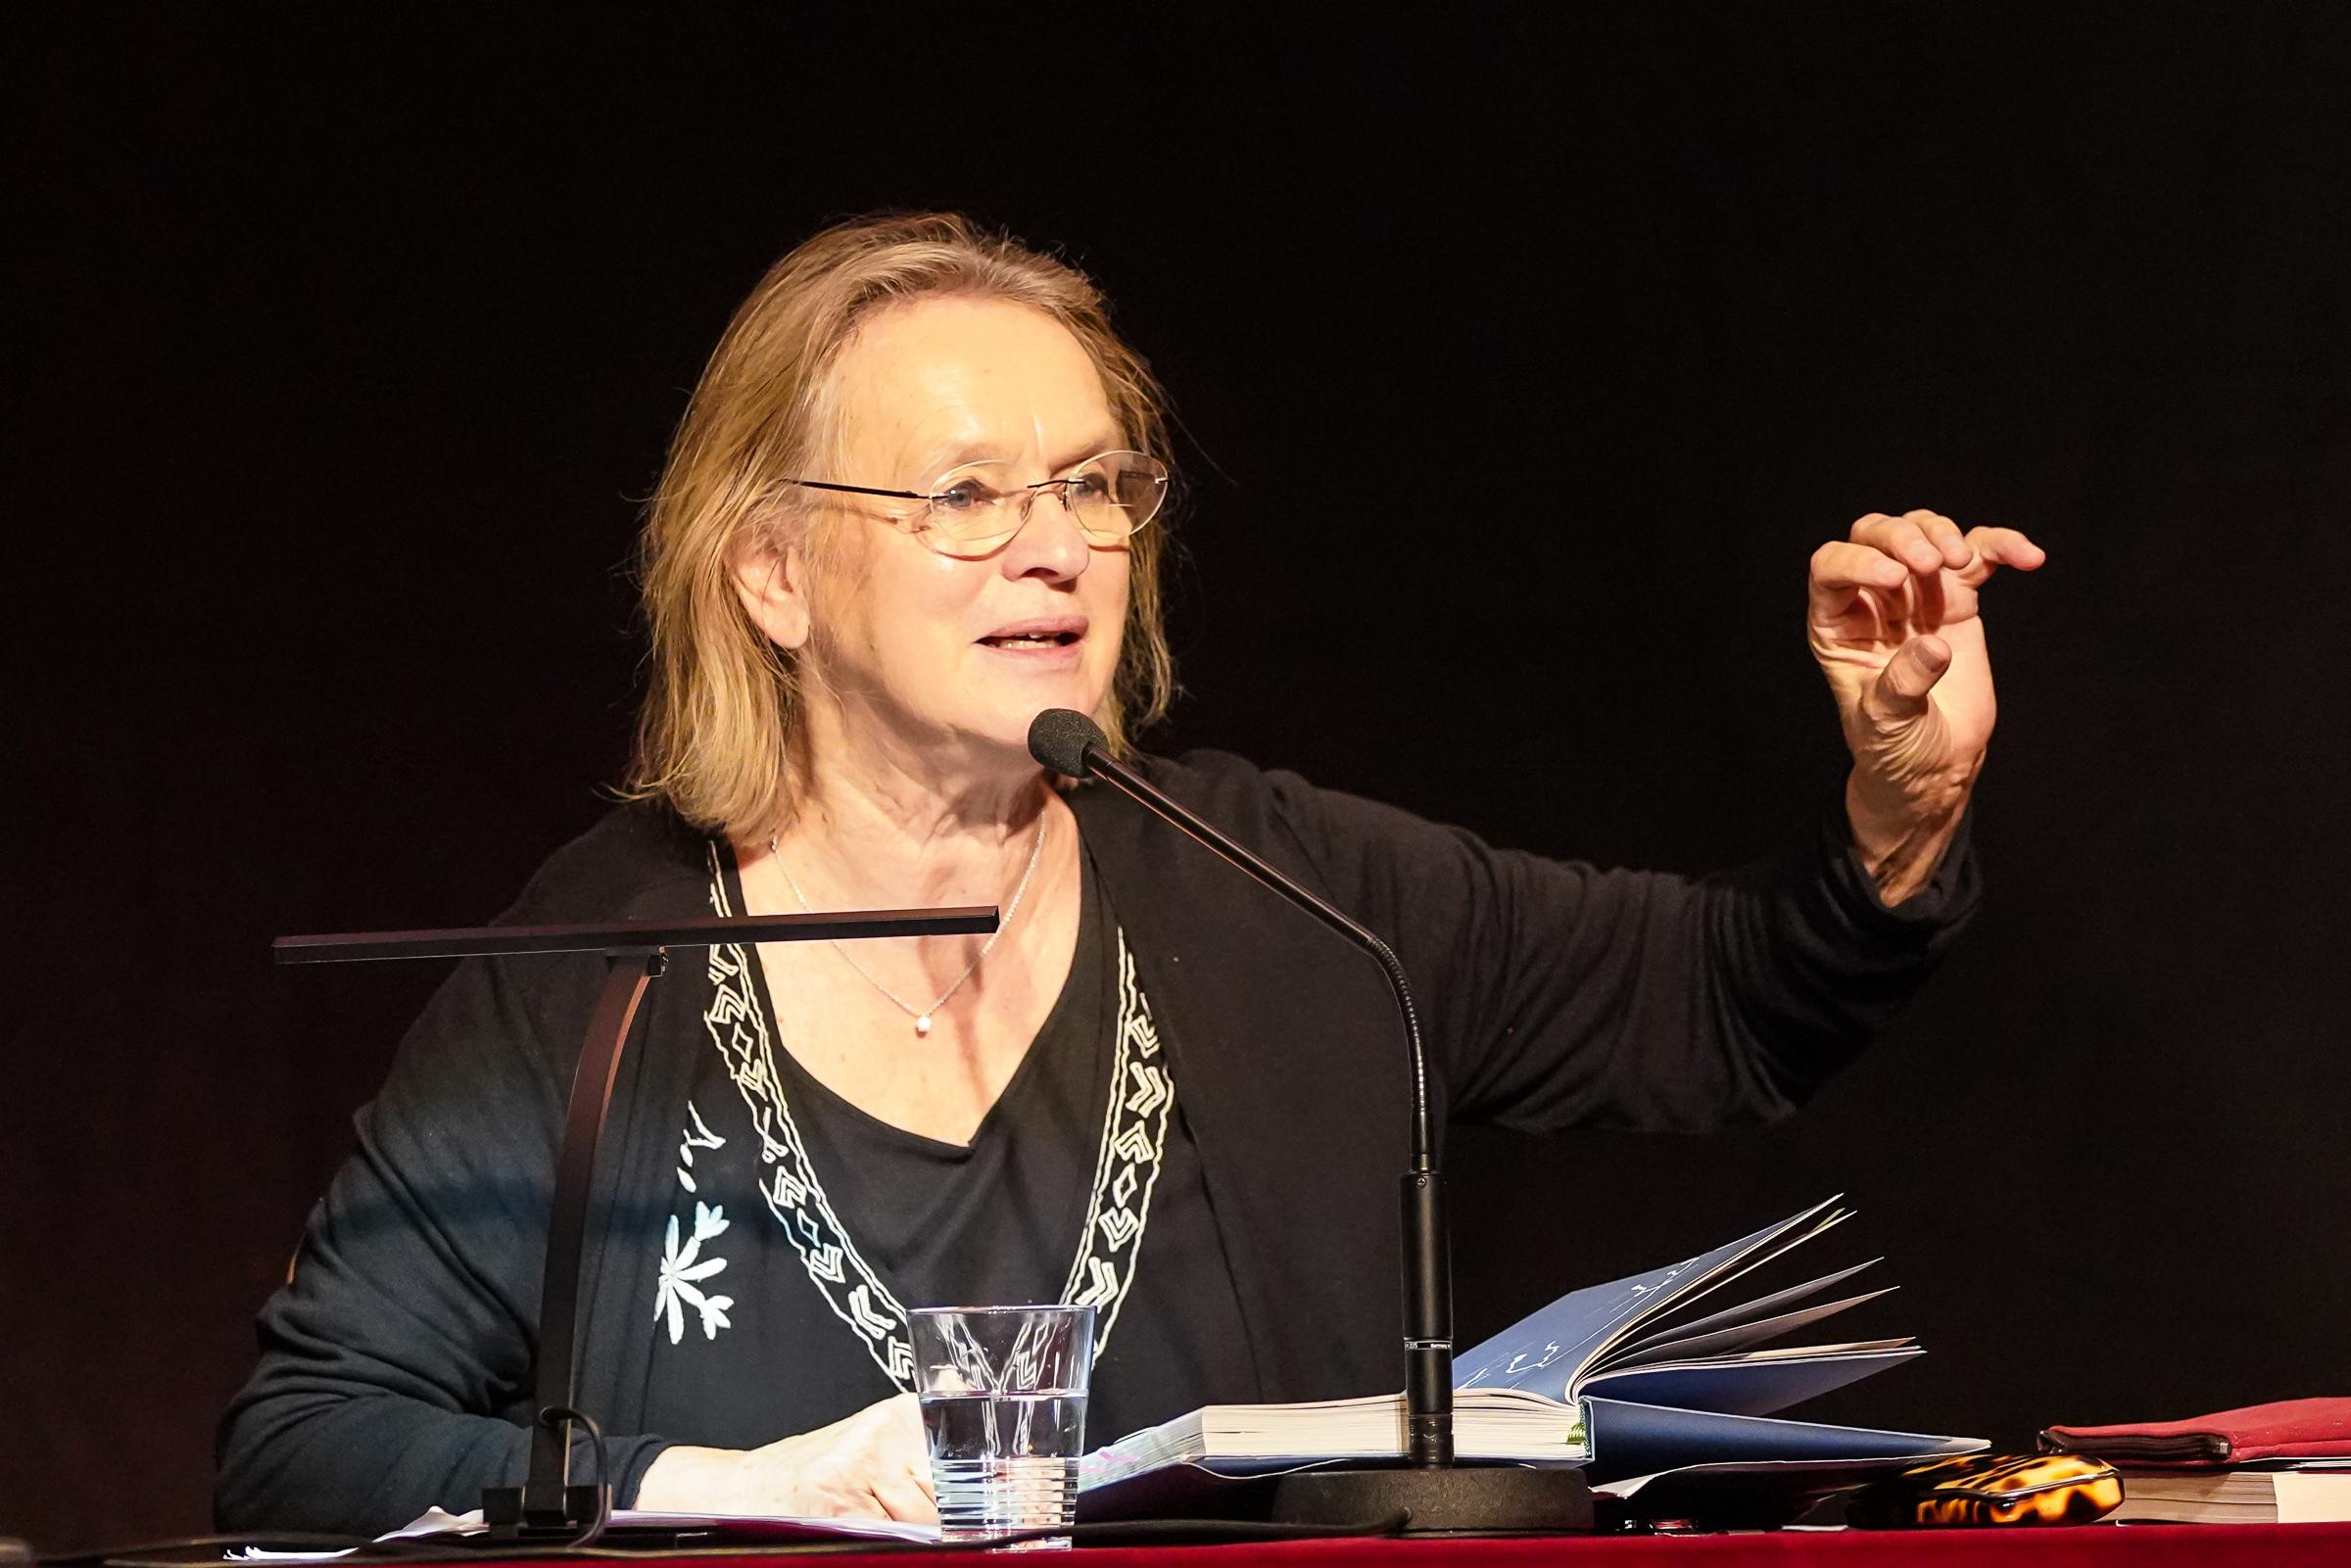 05.09.2018 - Elke Heidenreich liest aus 'Alles kein Zufall'